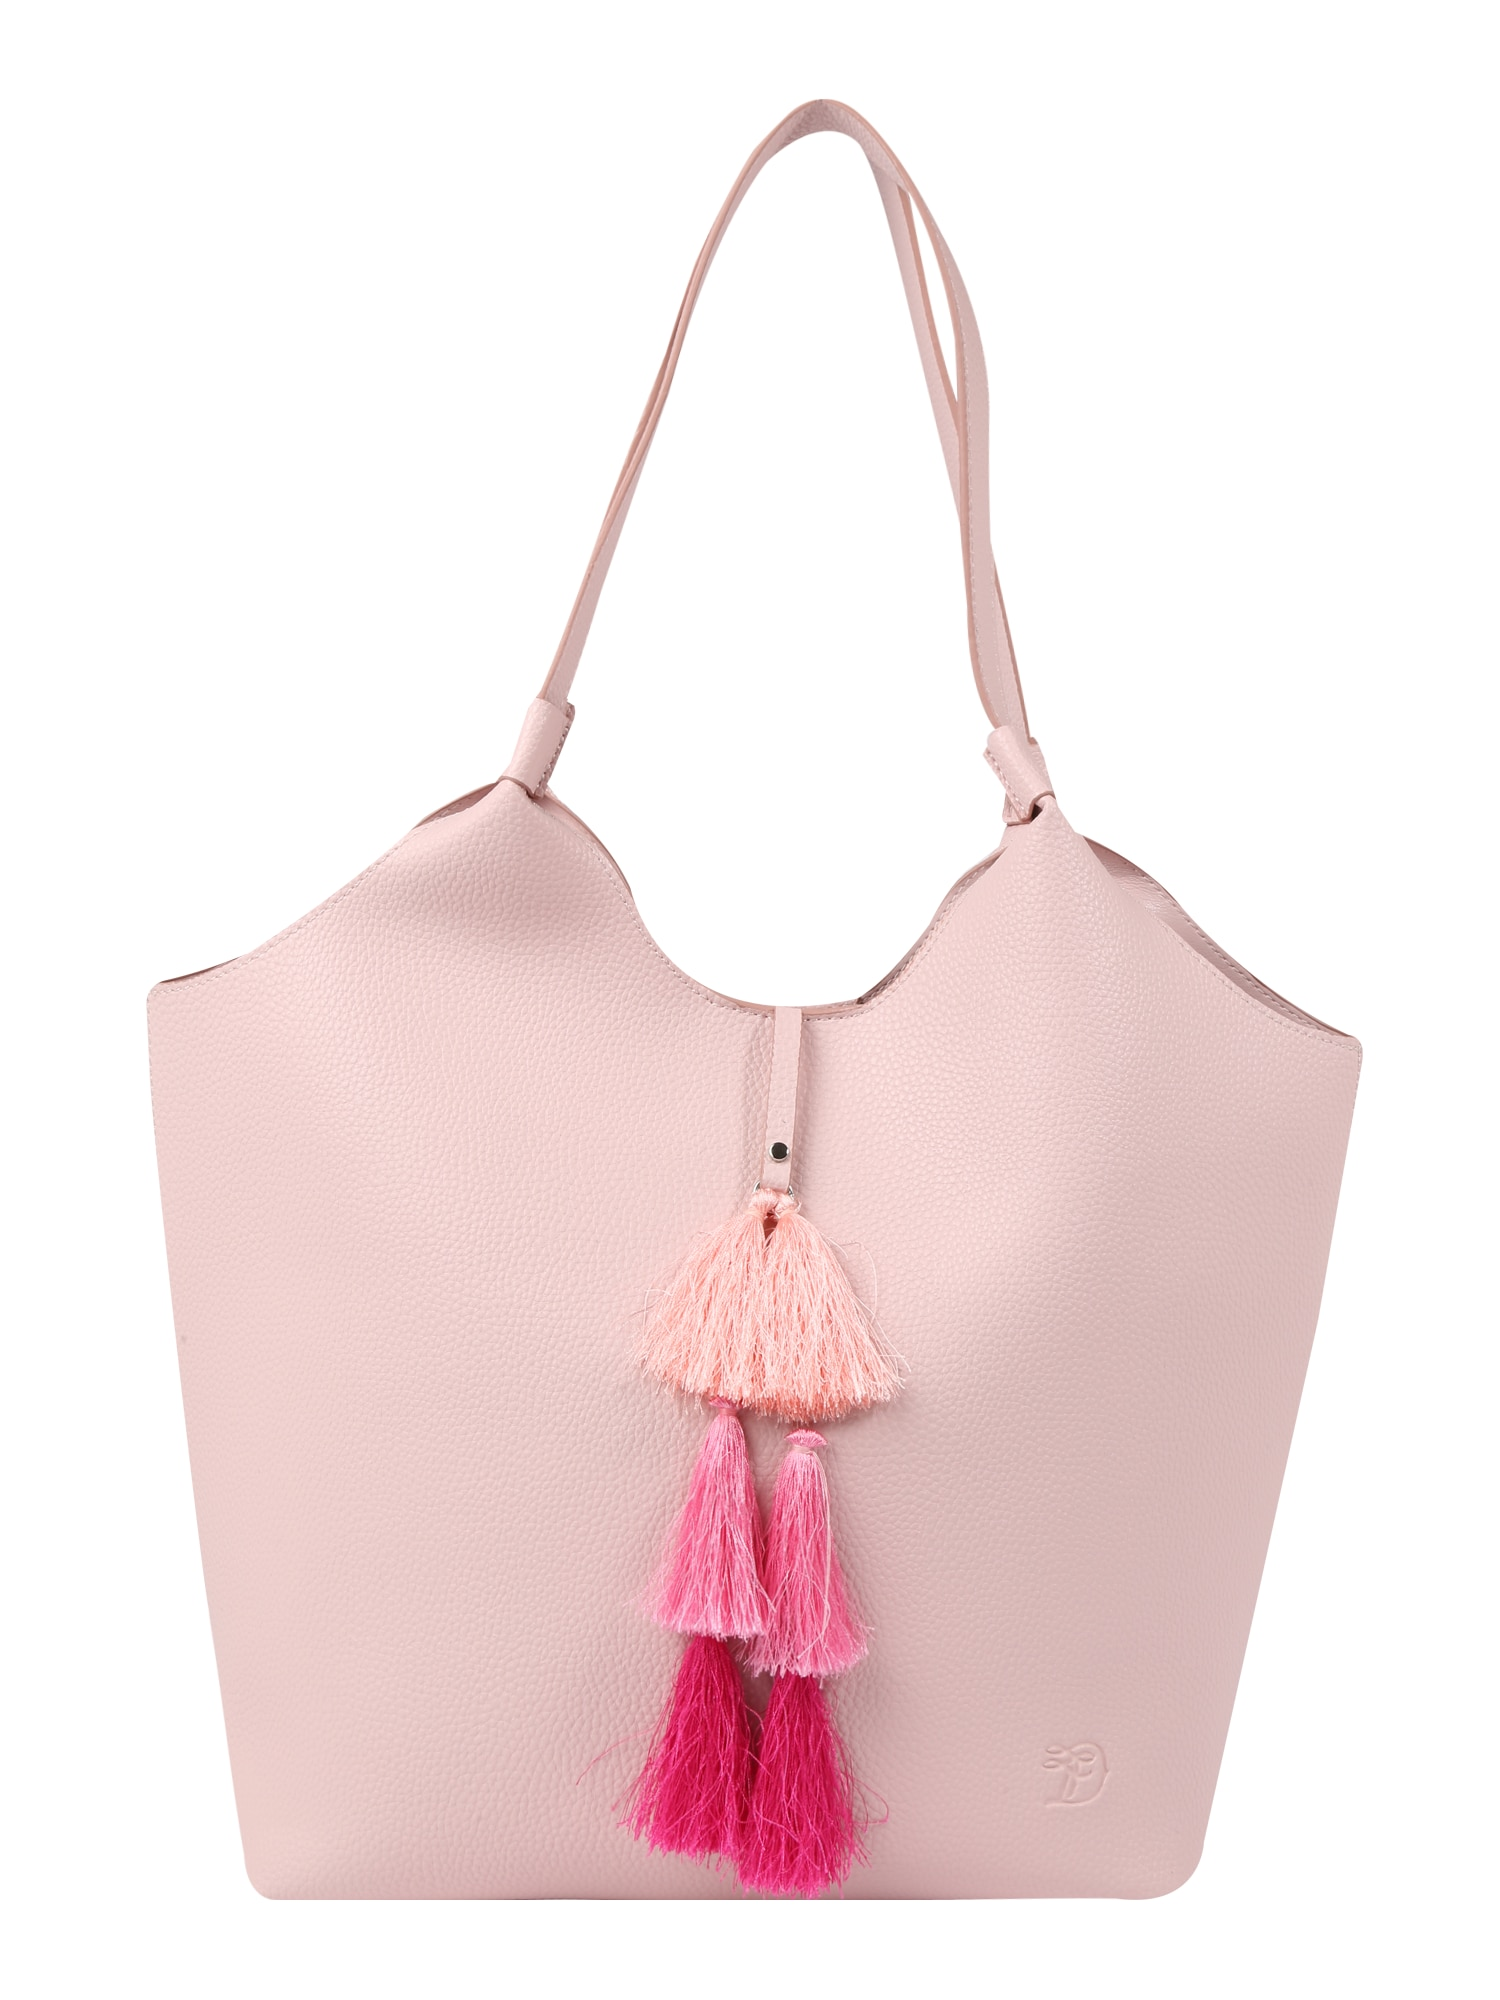 Nákupní taška AYLA růžová TOM TAILOR DENIM